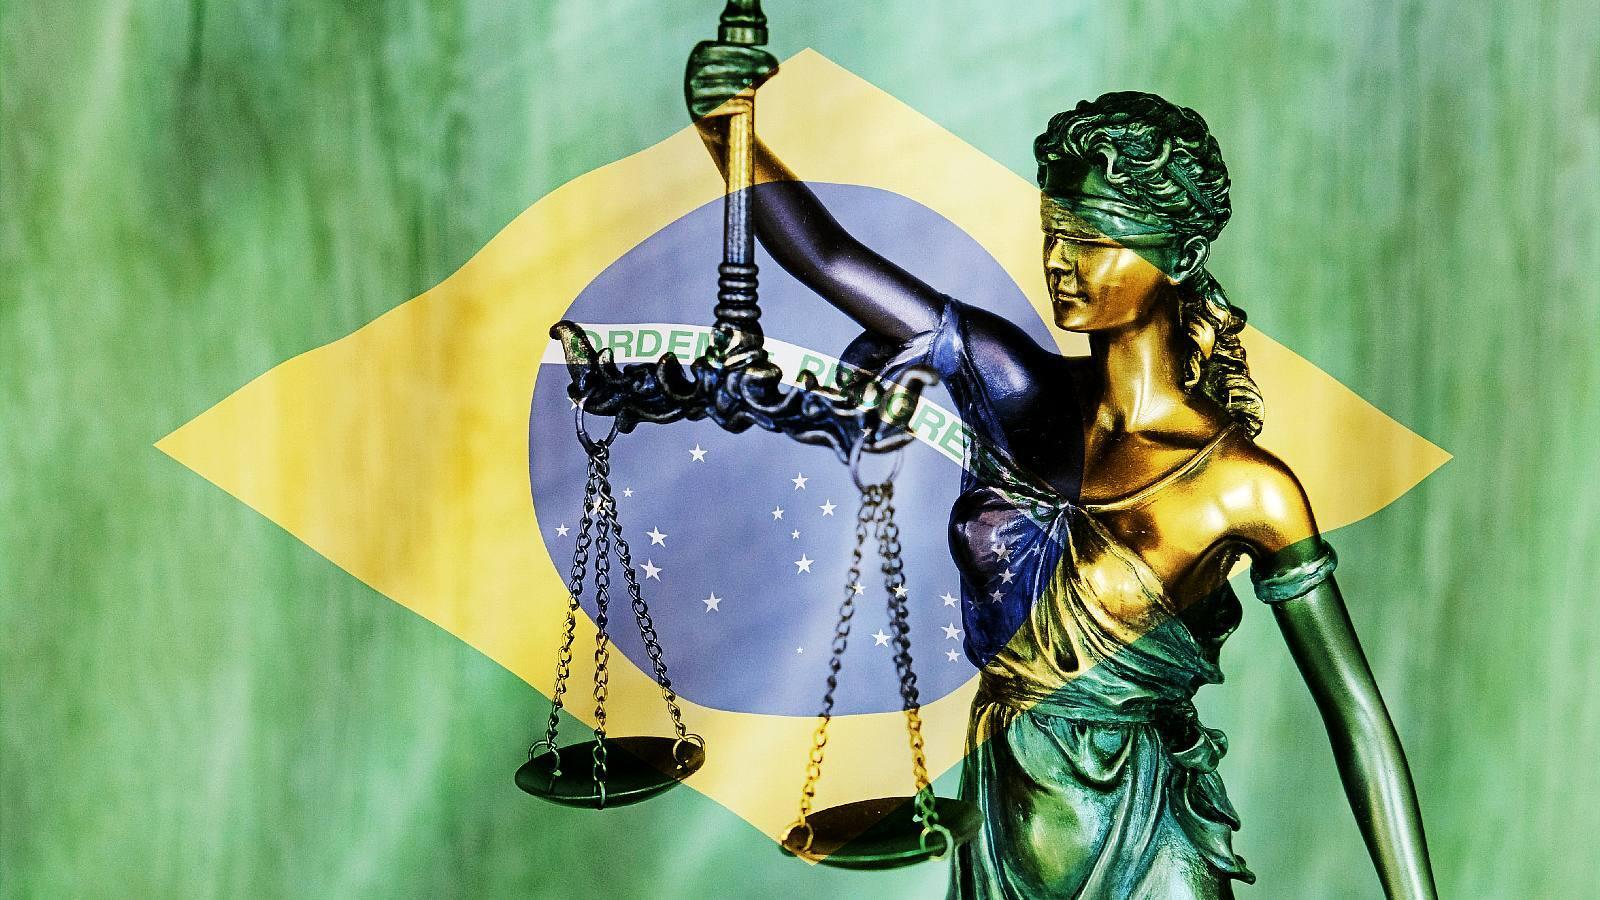 Brazil's TJRS